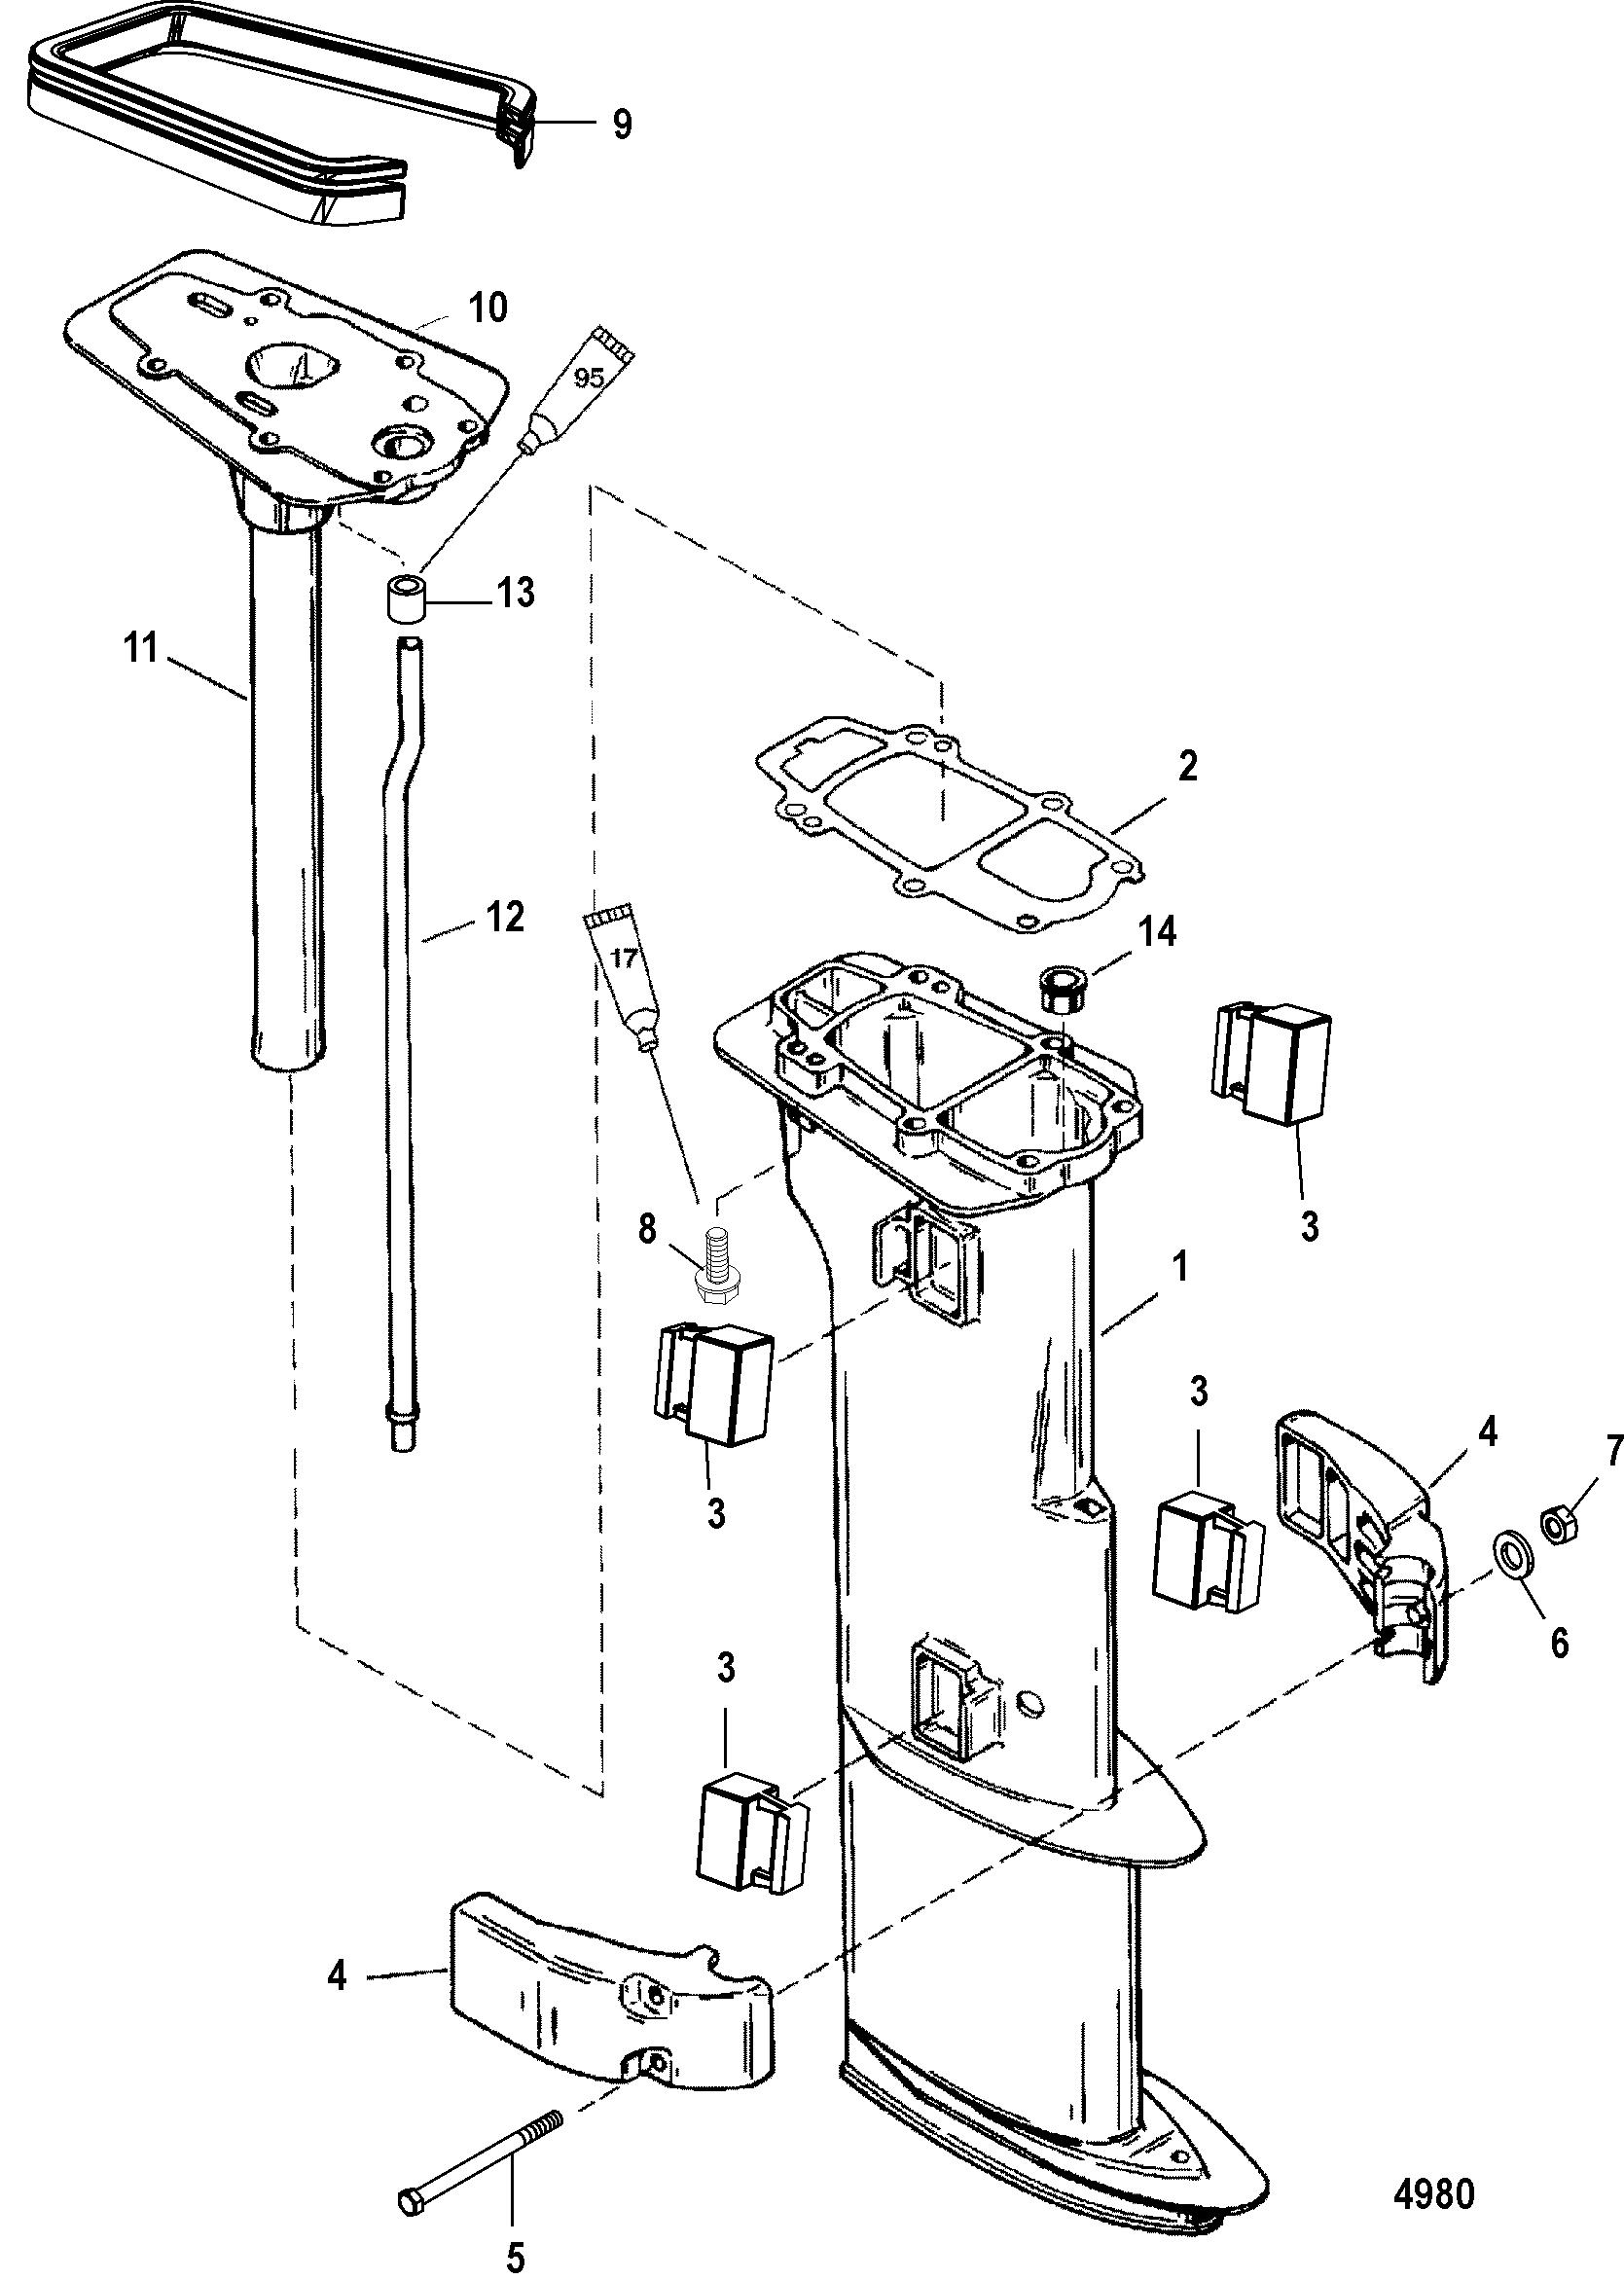 Driveshaft Housing For Mariner Mercury 8 9 9 13 5 15 2